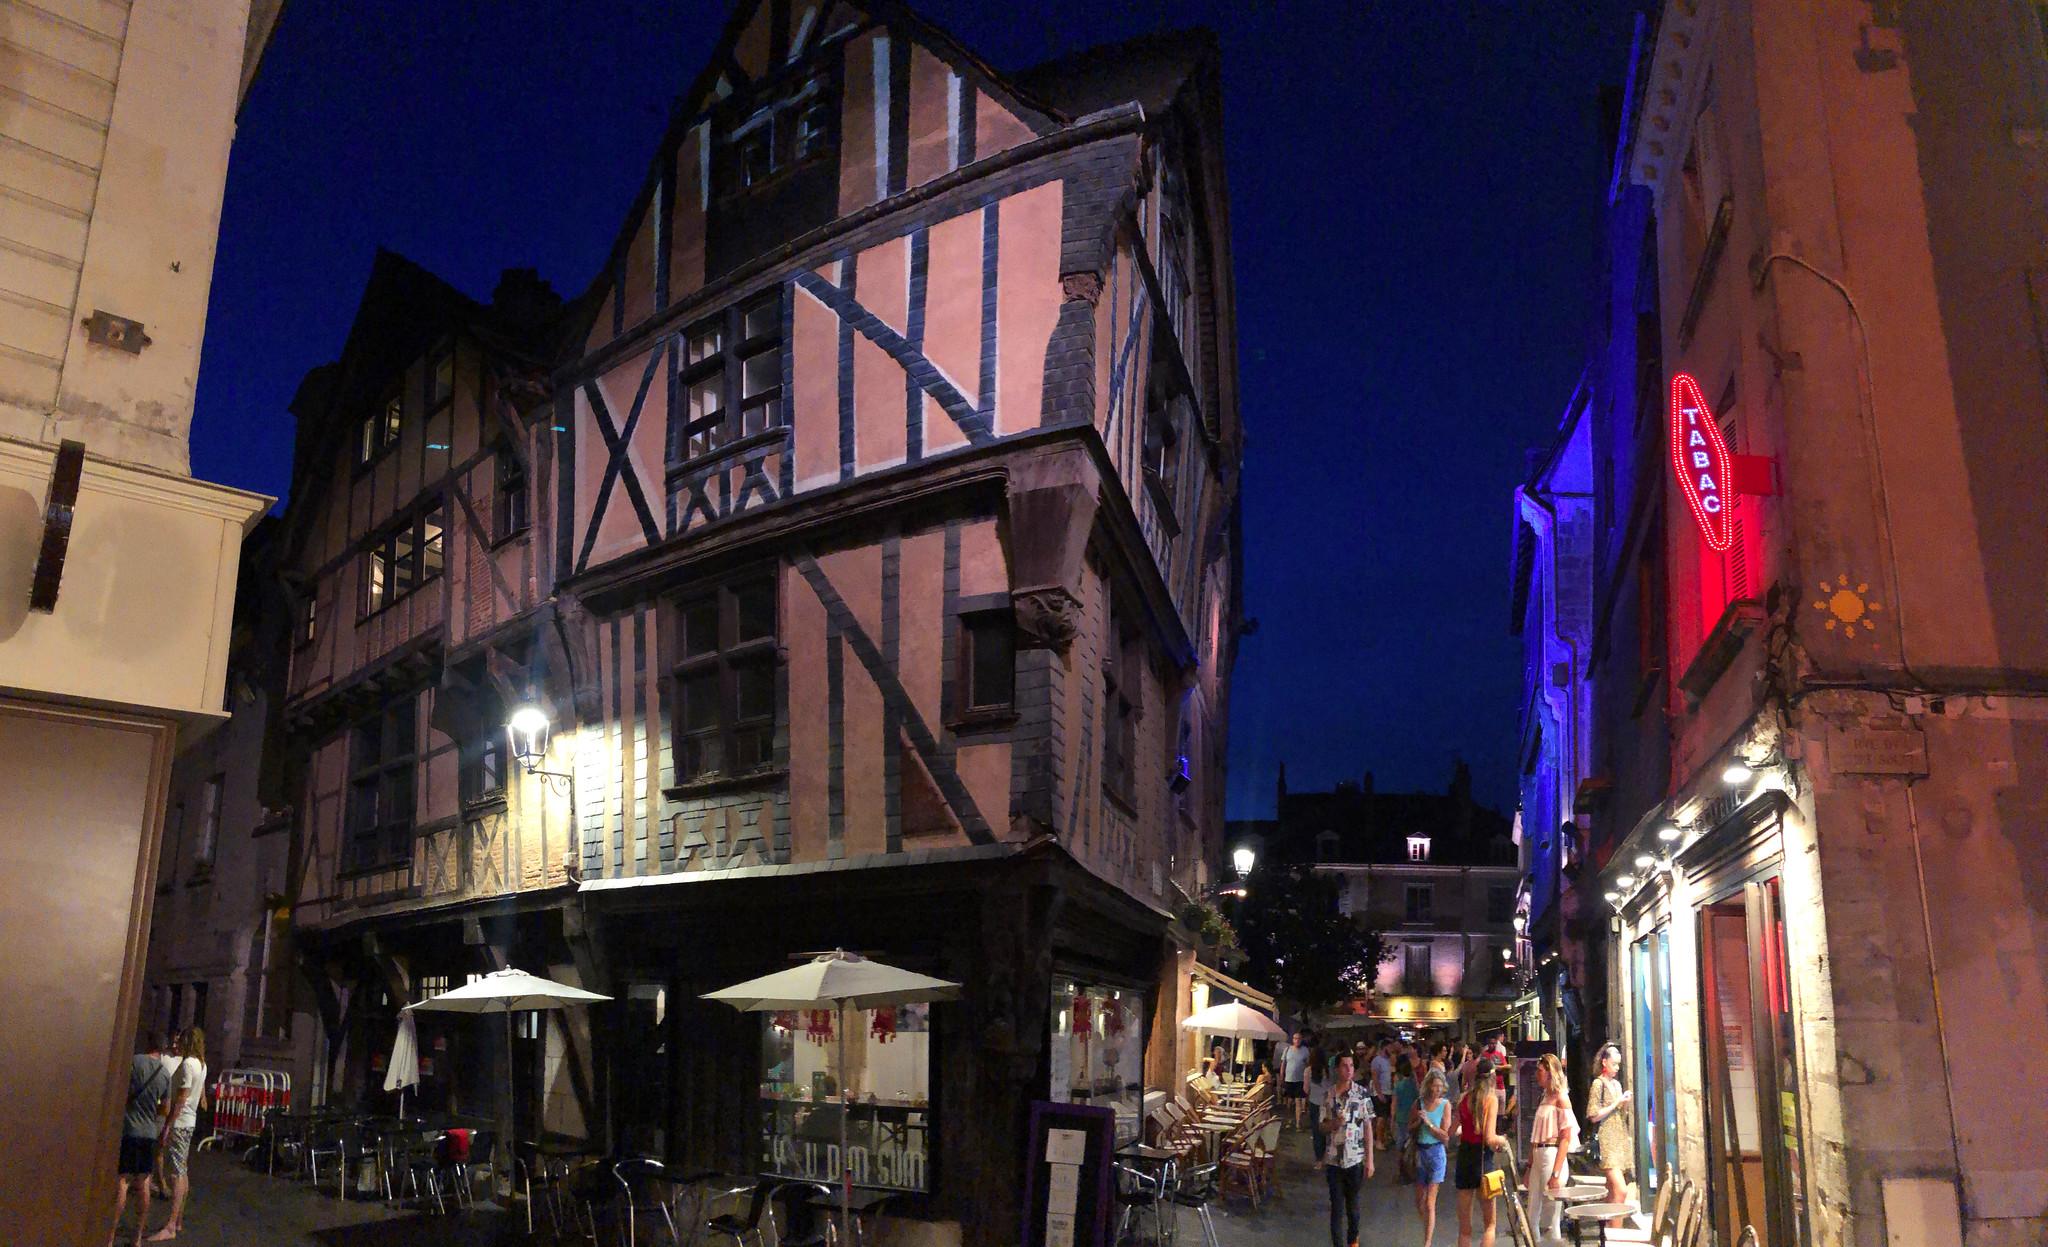 Valle del Loira en 2 días, Francia - Amboise, Tours, Chenonceau valle del loira en 2 días - 48643933477 8880009cae k - Valle del Loira en 2 días